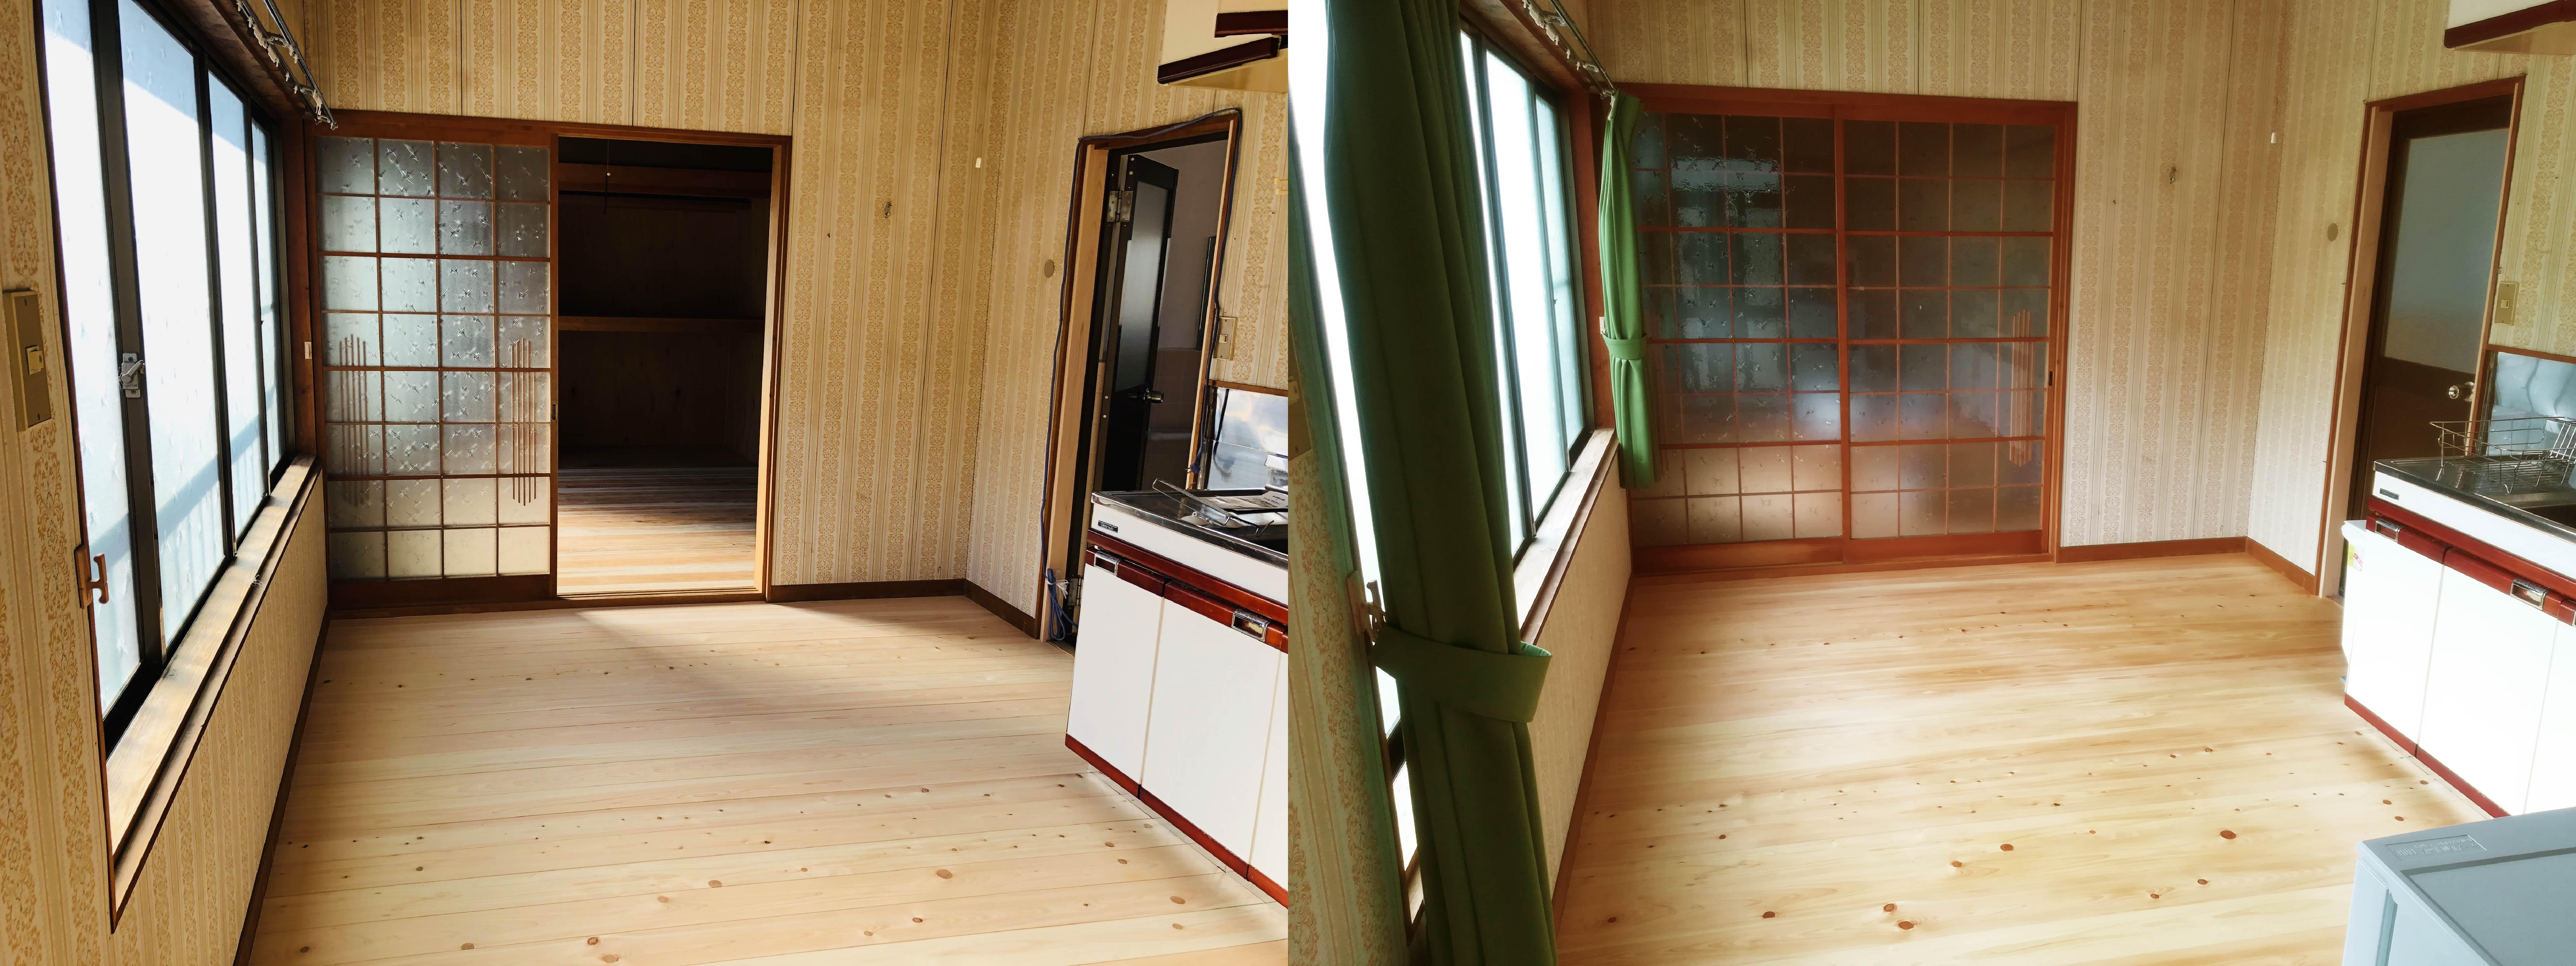 ヒノキのフローリング / 左:ワックスを塗る前 右:ワックスを塗った後